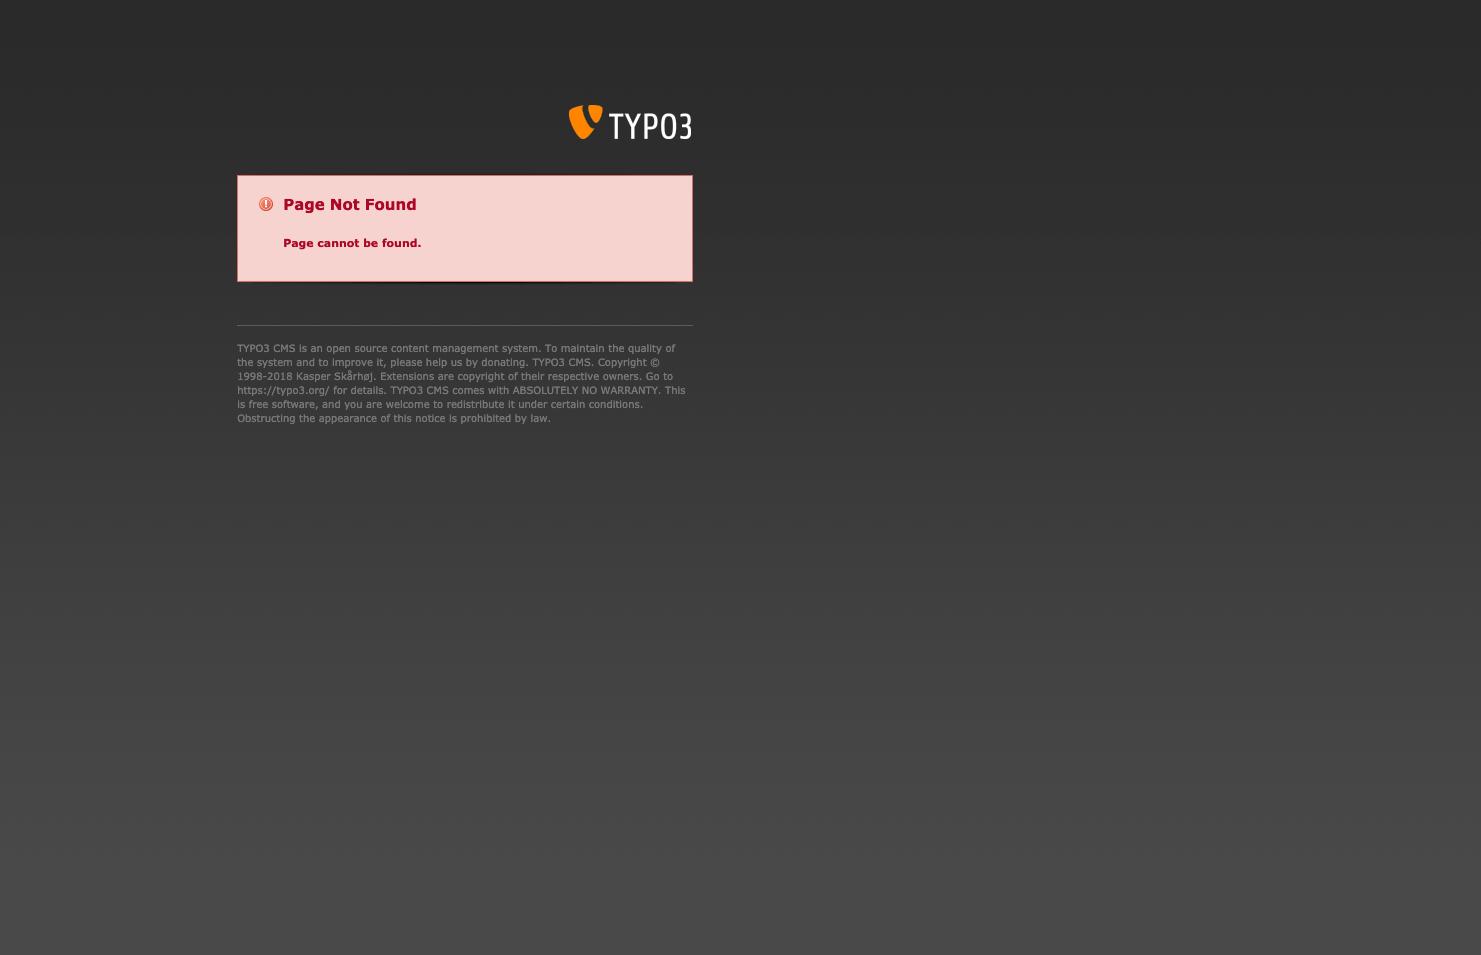 Screenshot wirklich schlechten 404-Seite vom 2.1.2021